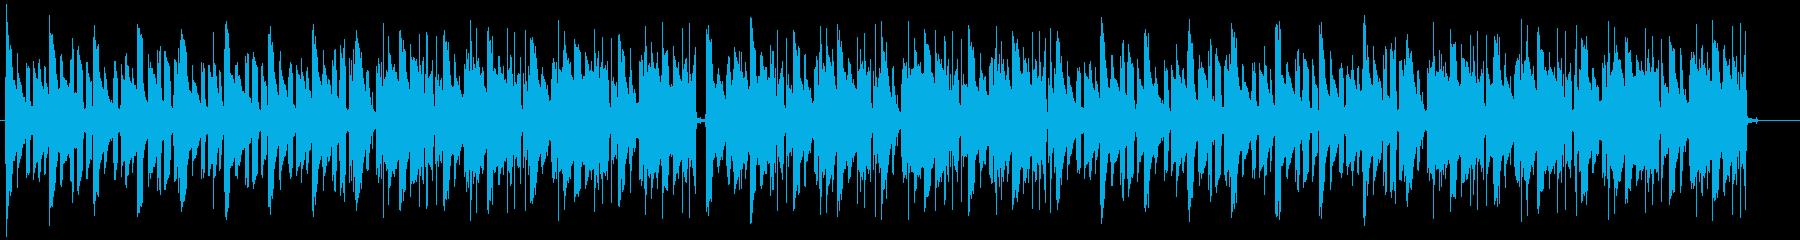 メロウでゆったりした大人っぽいLofiの再生済みの波形